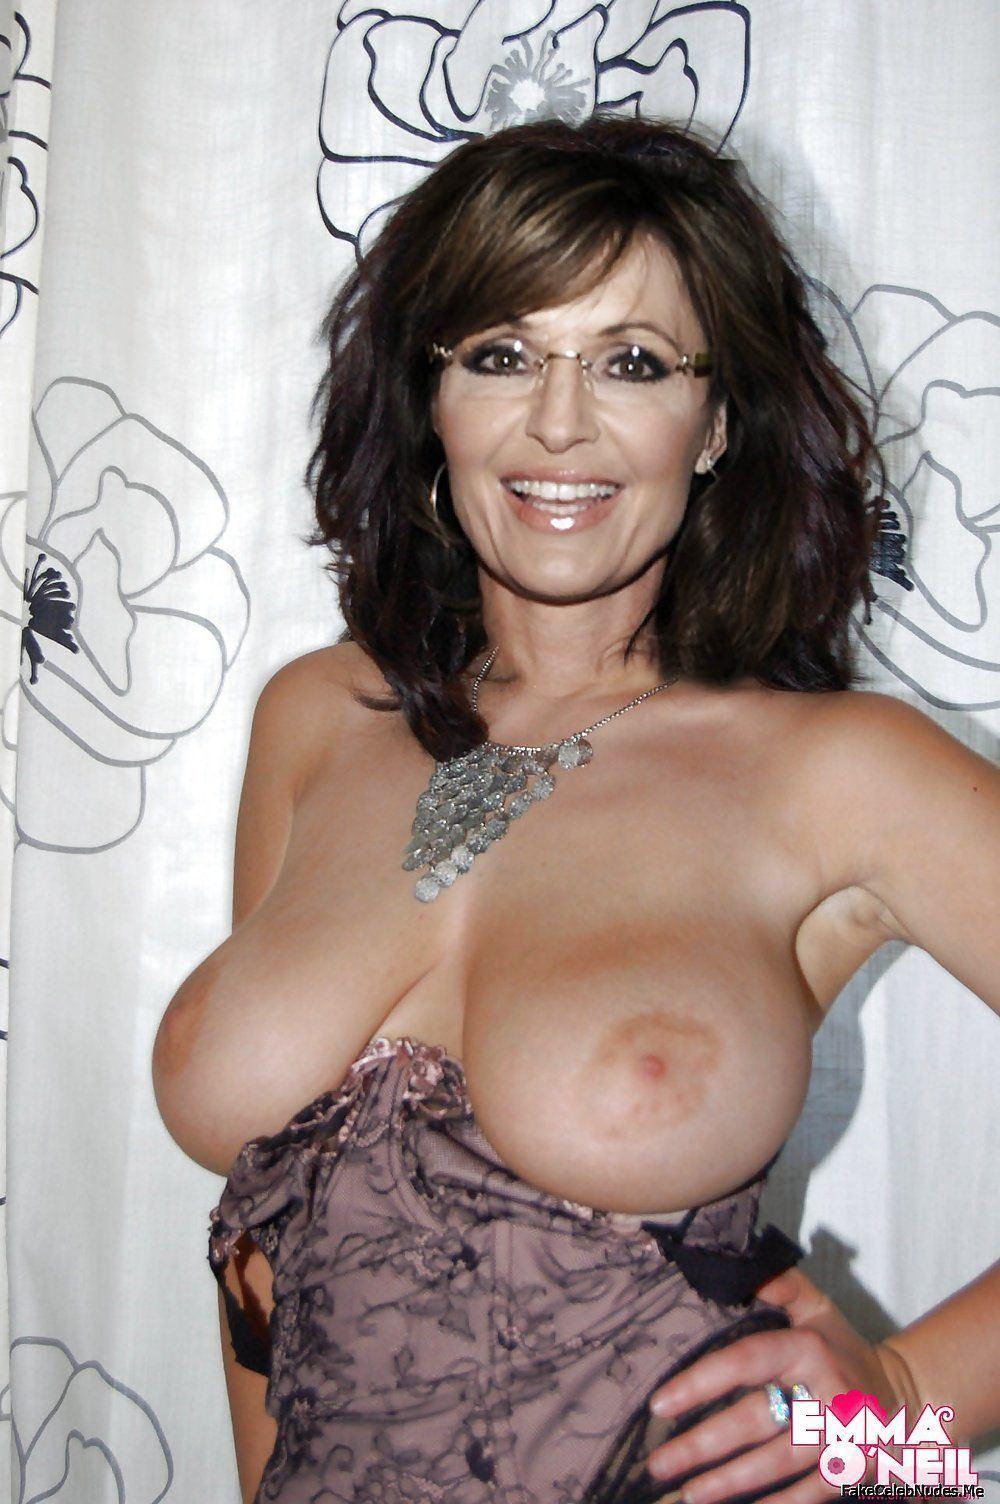 Daisy C. reccomend Sarah palin naked slut